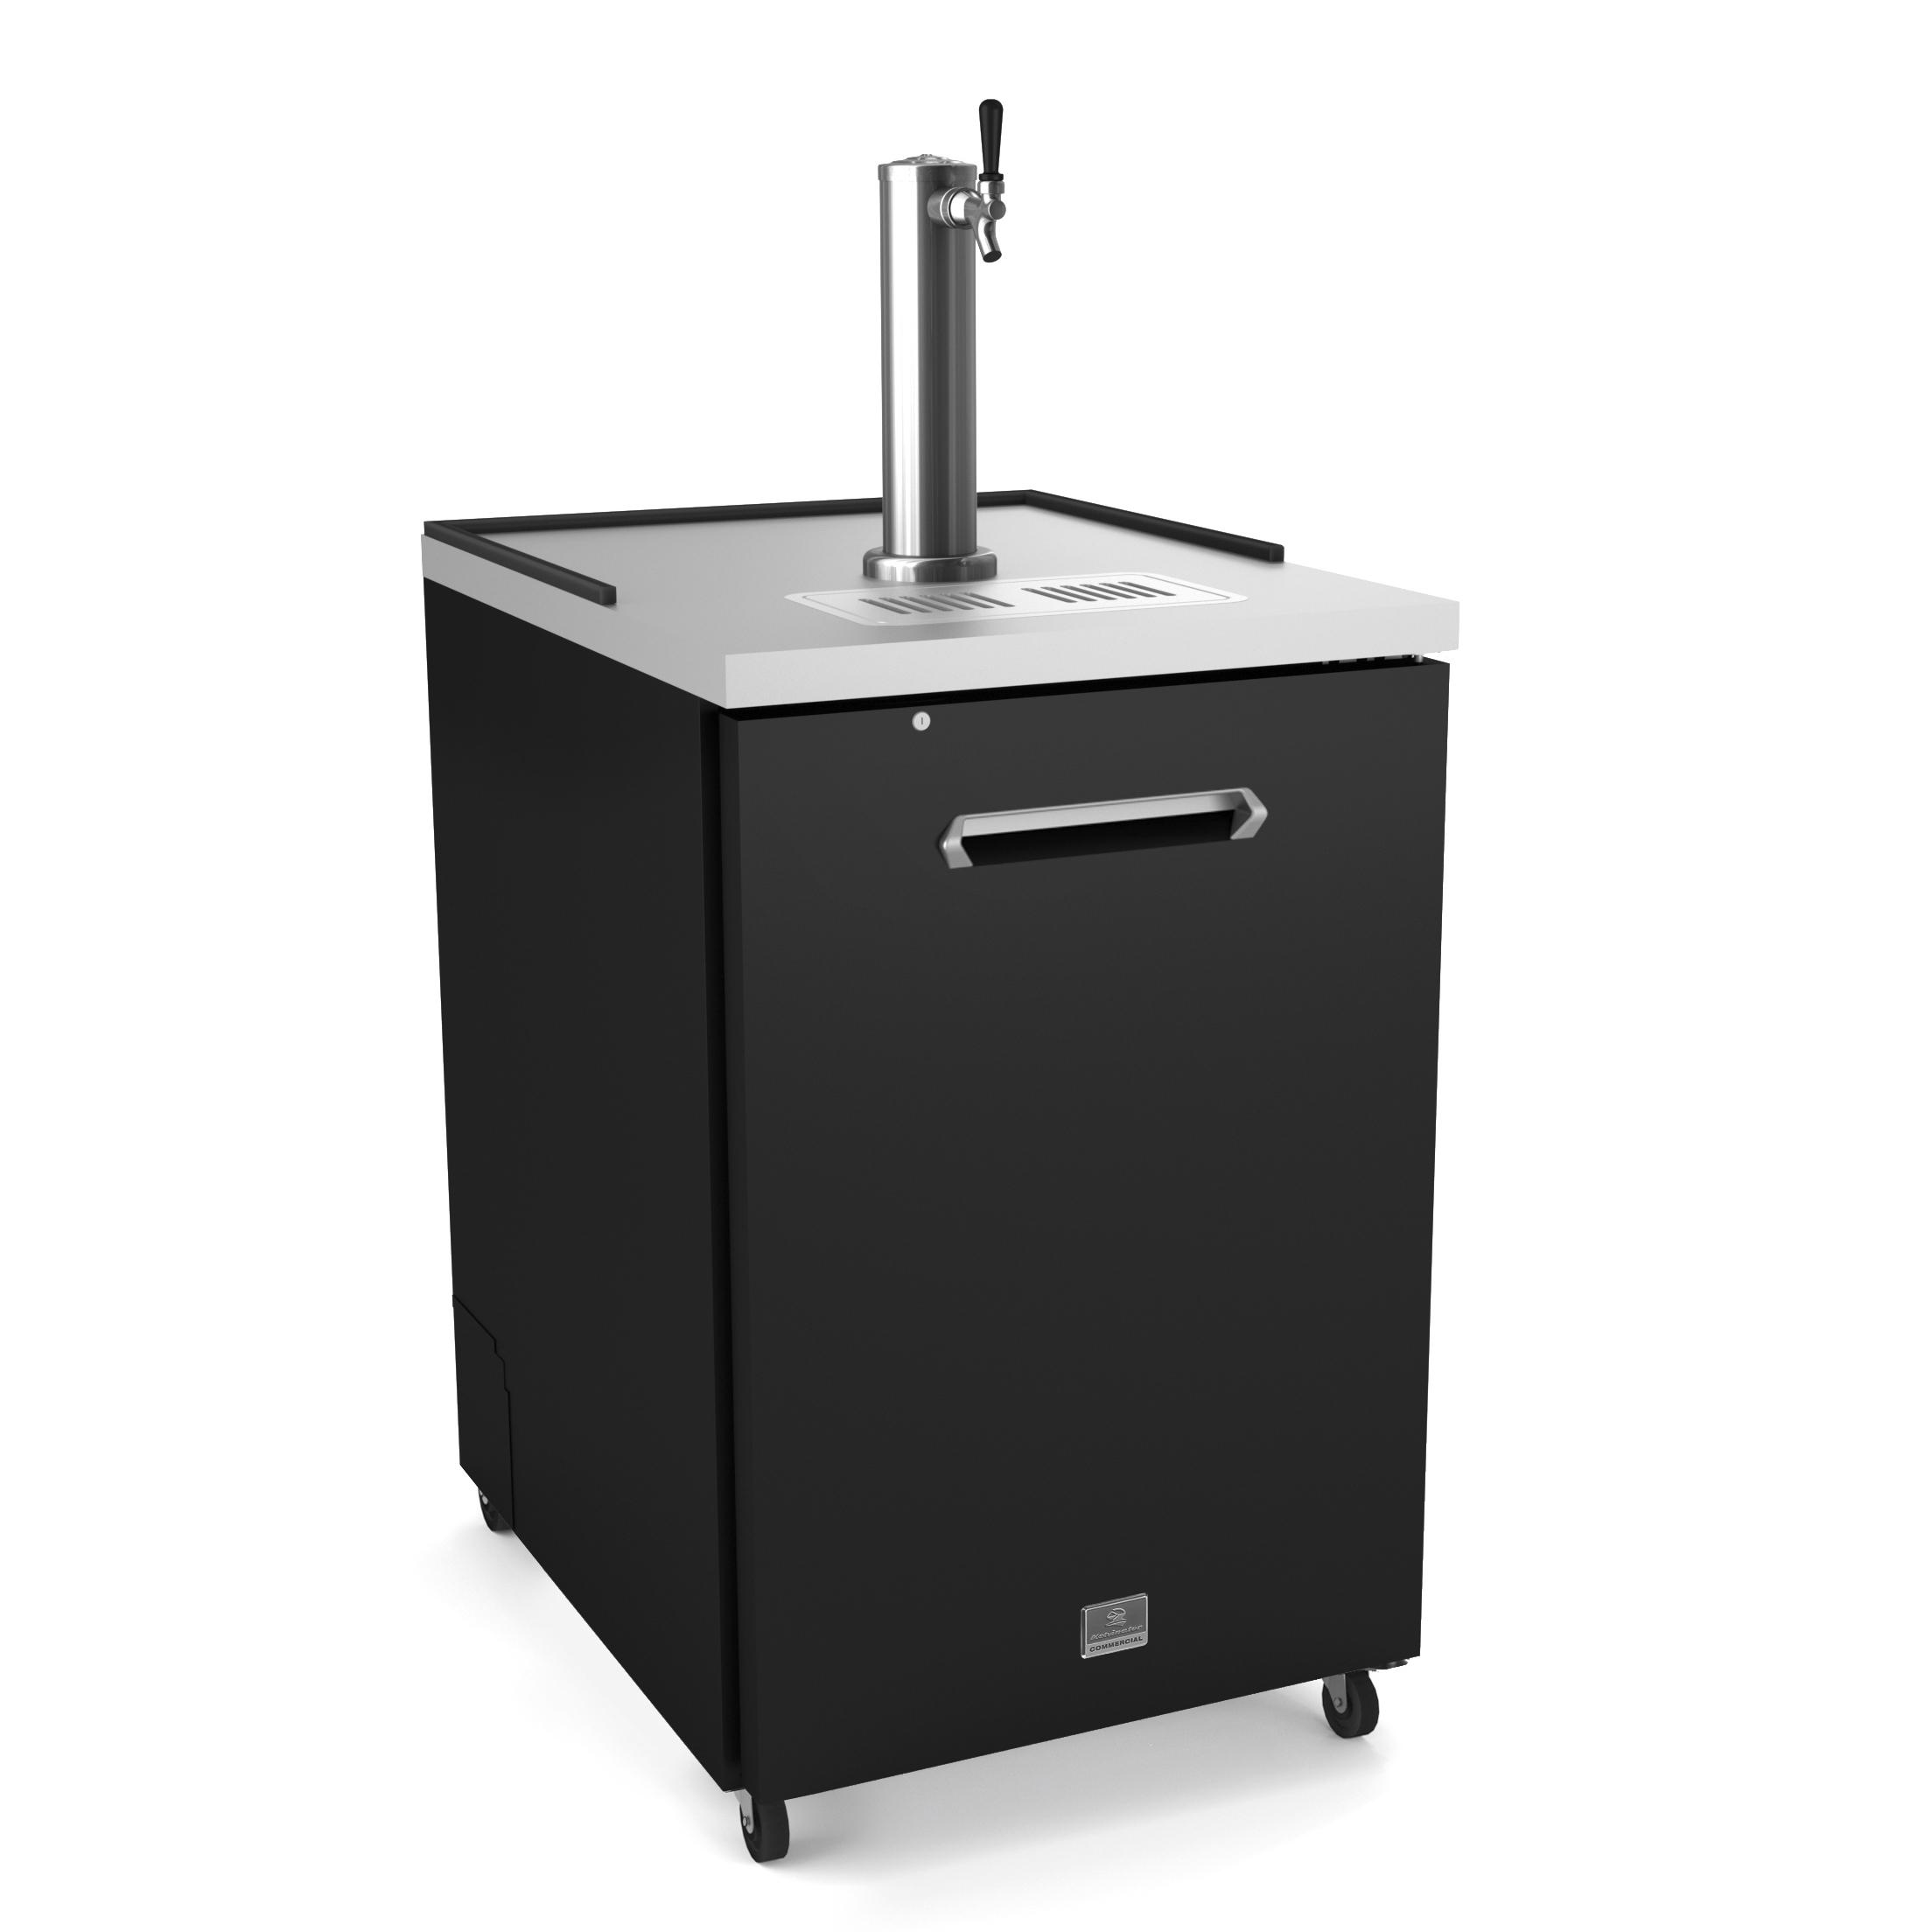 Kelvinator Commercial KCHBBDIDIT draft beer cooler